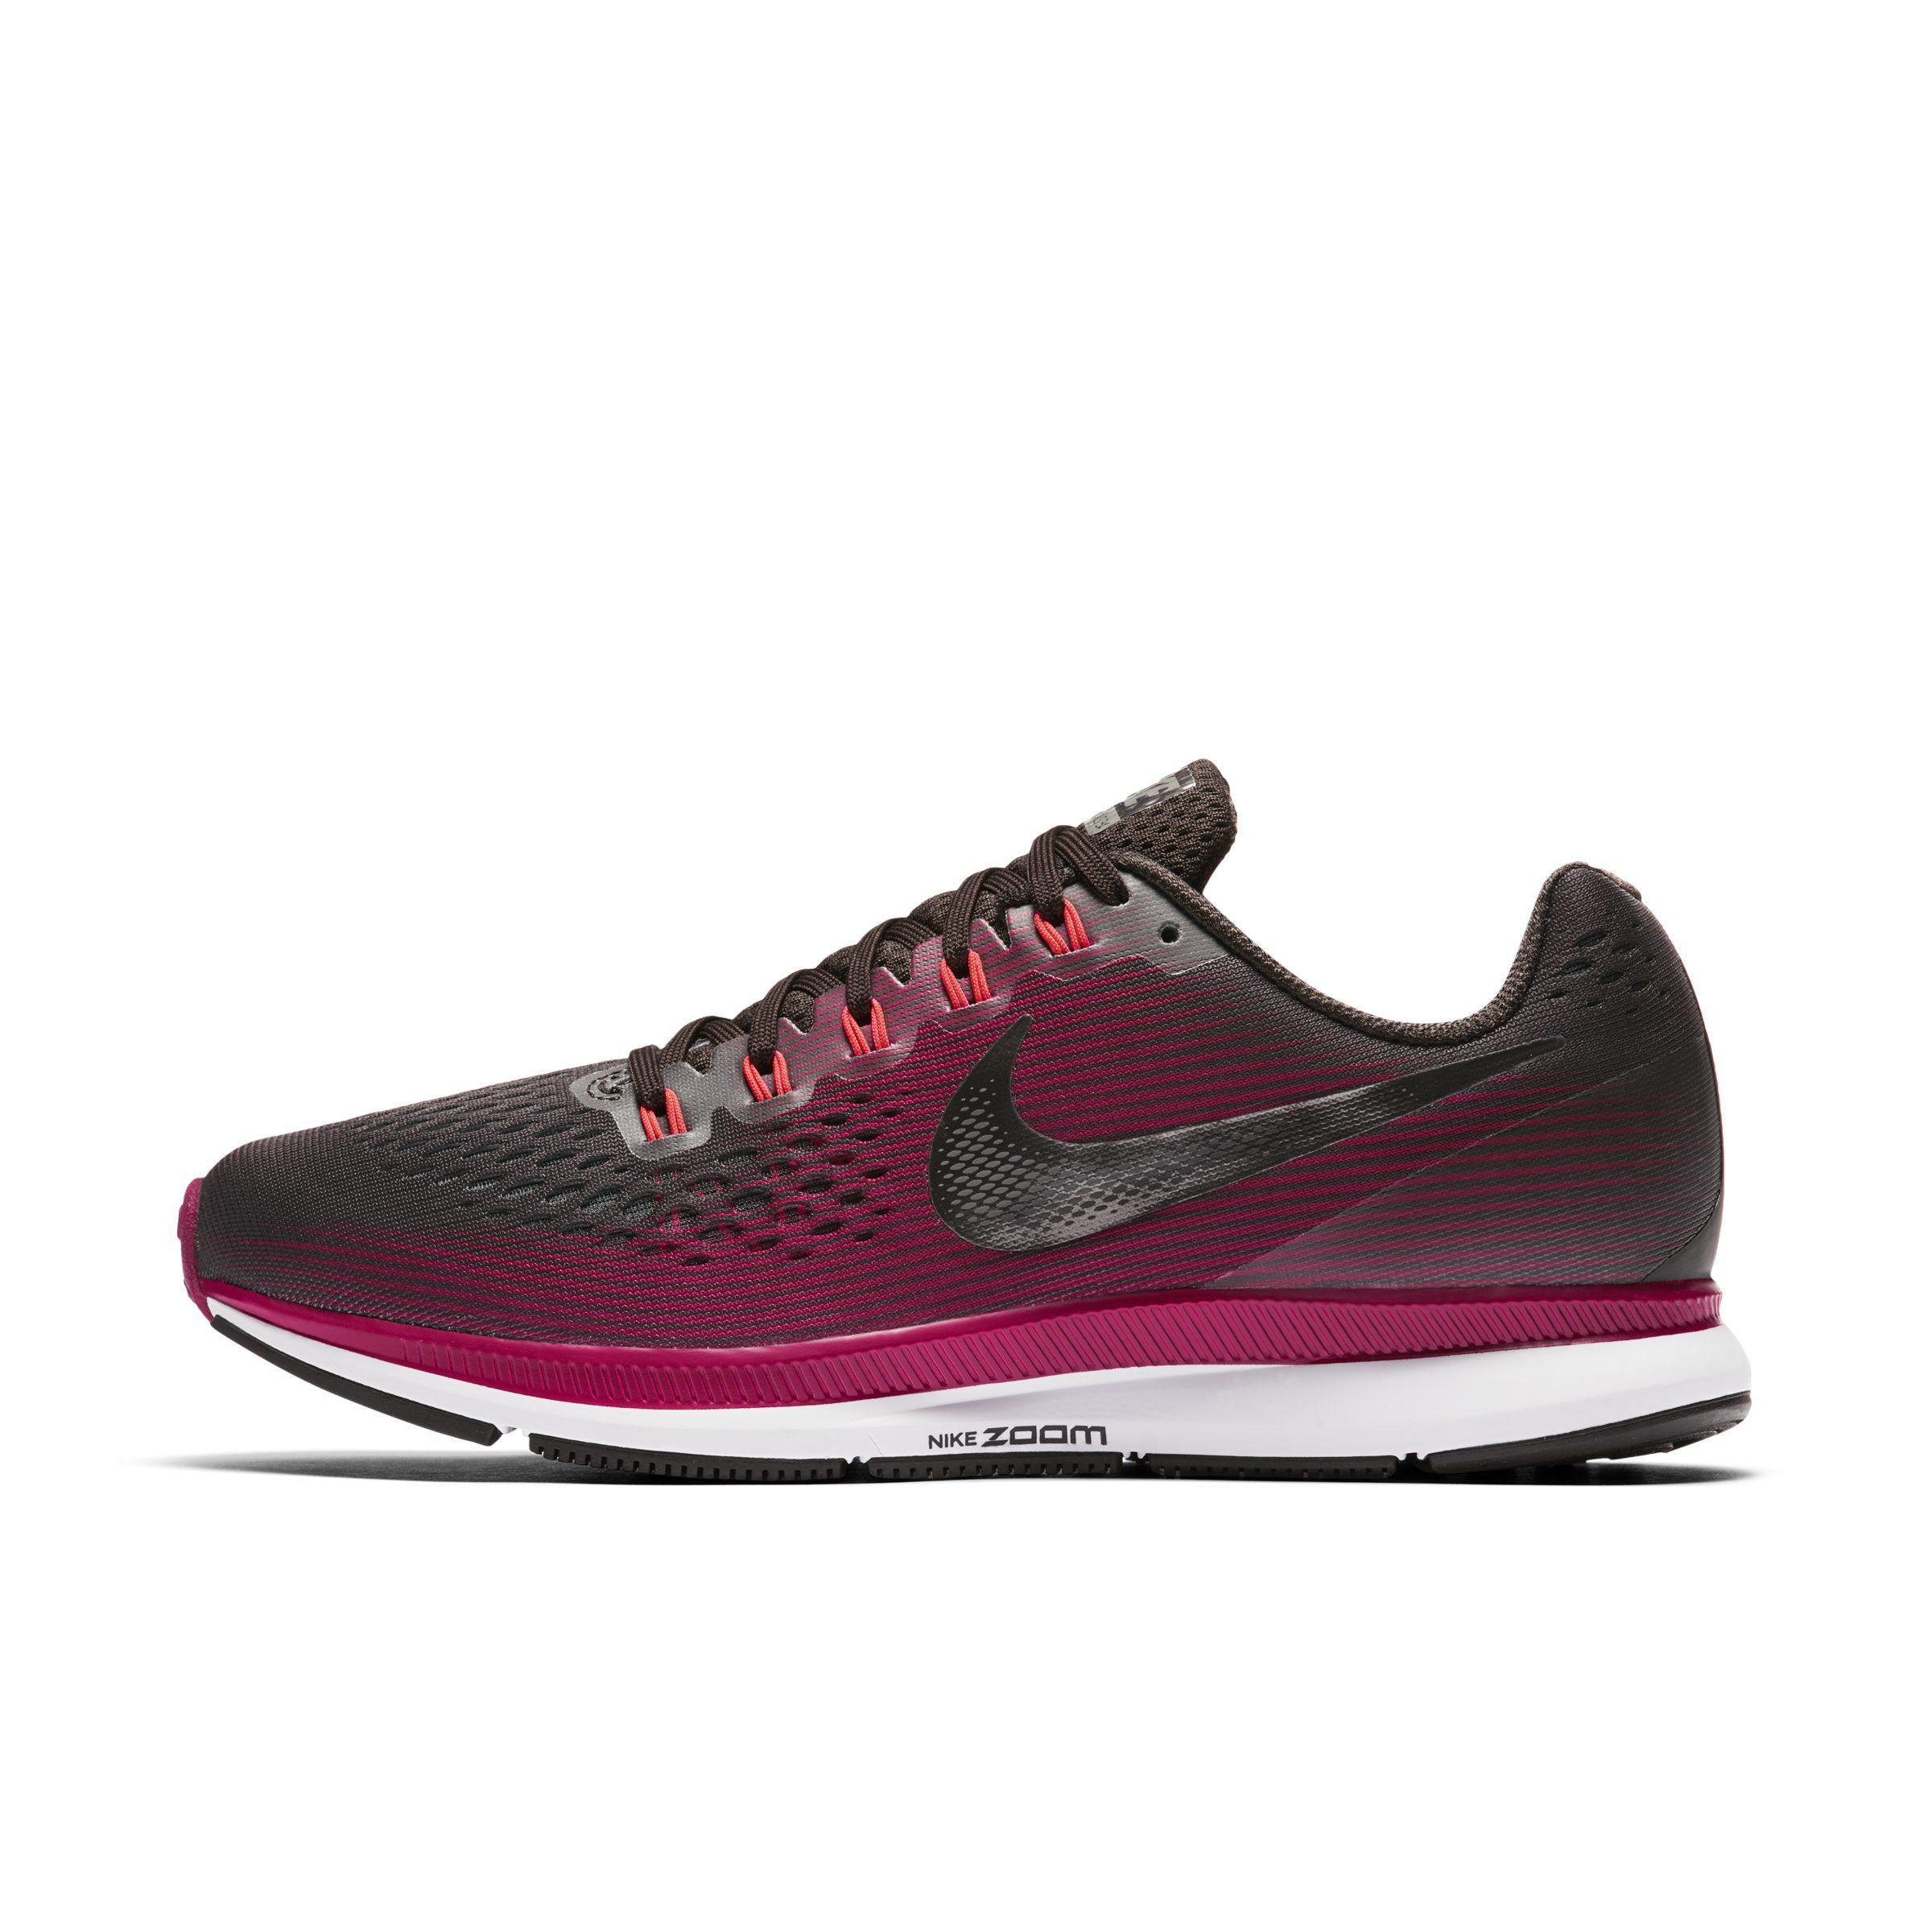 d82d4b562e9 Nike Air Zoom Pegasus 34 Gem Running Shoe in Brown - Lyst